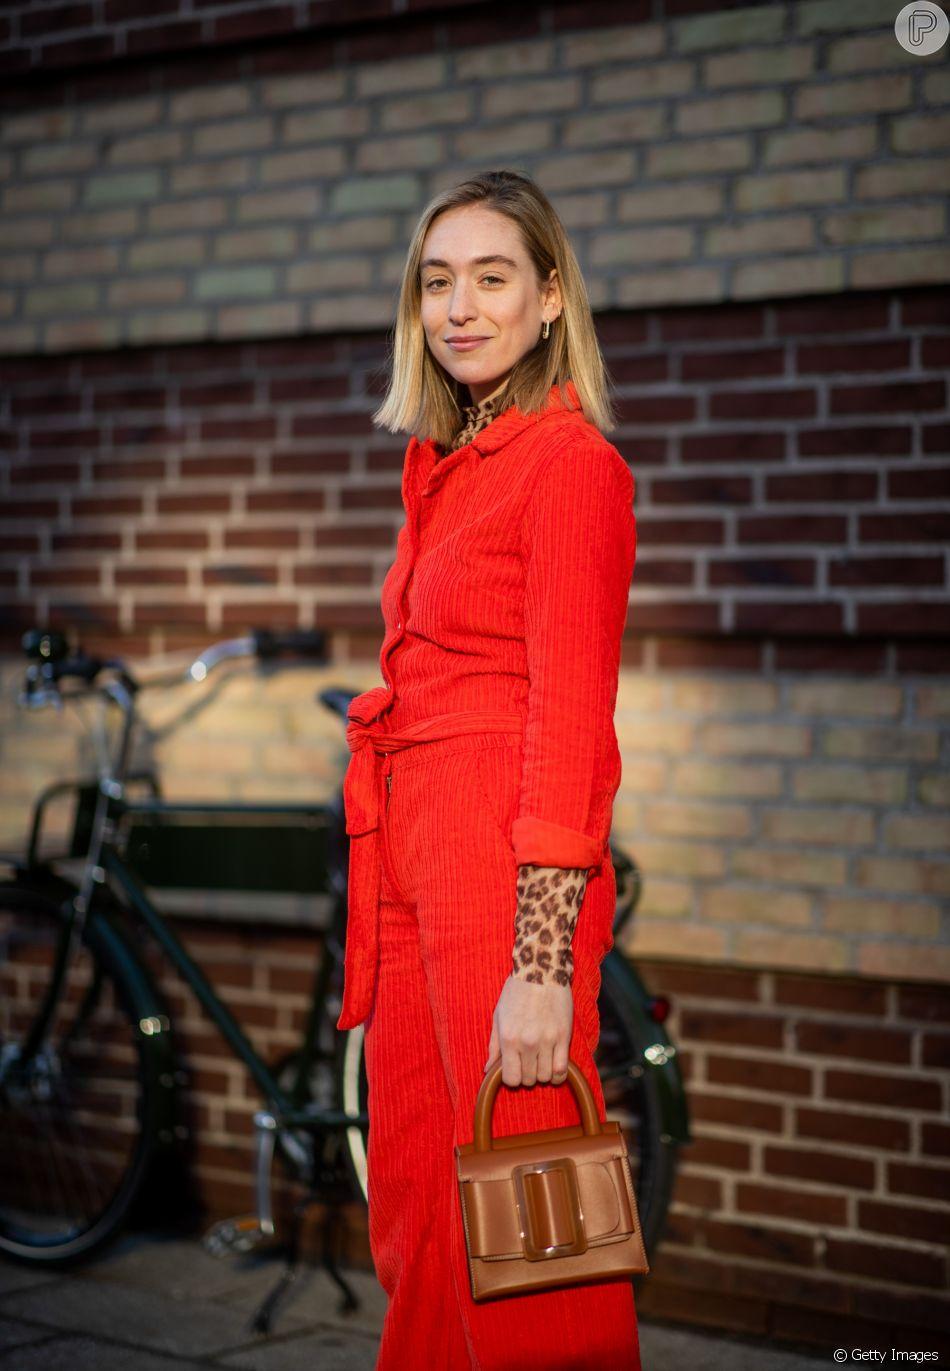 Cores primárias: um look total red é muito fashion e marcante.